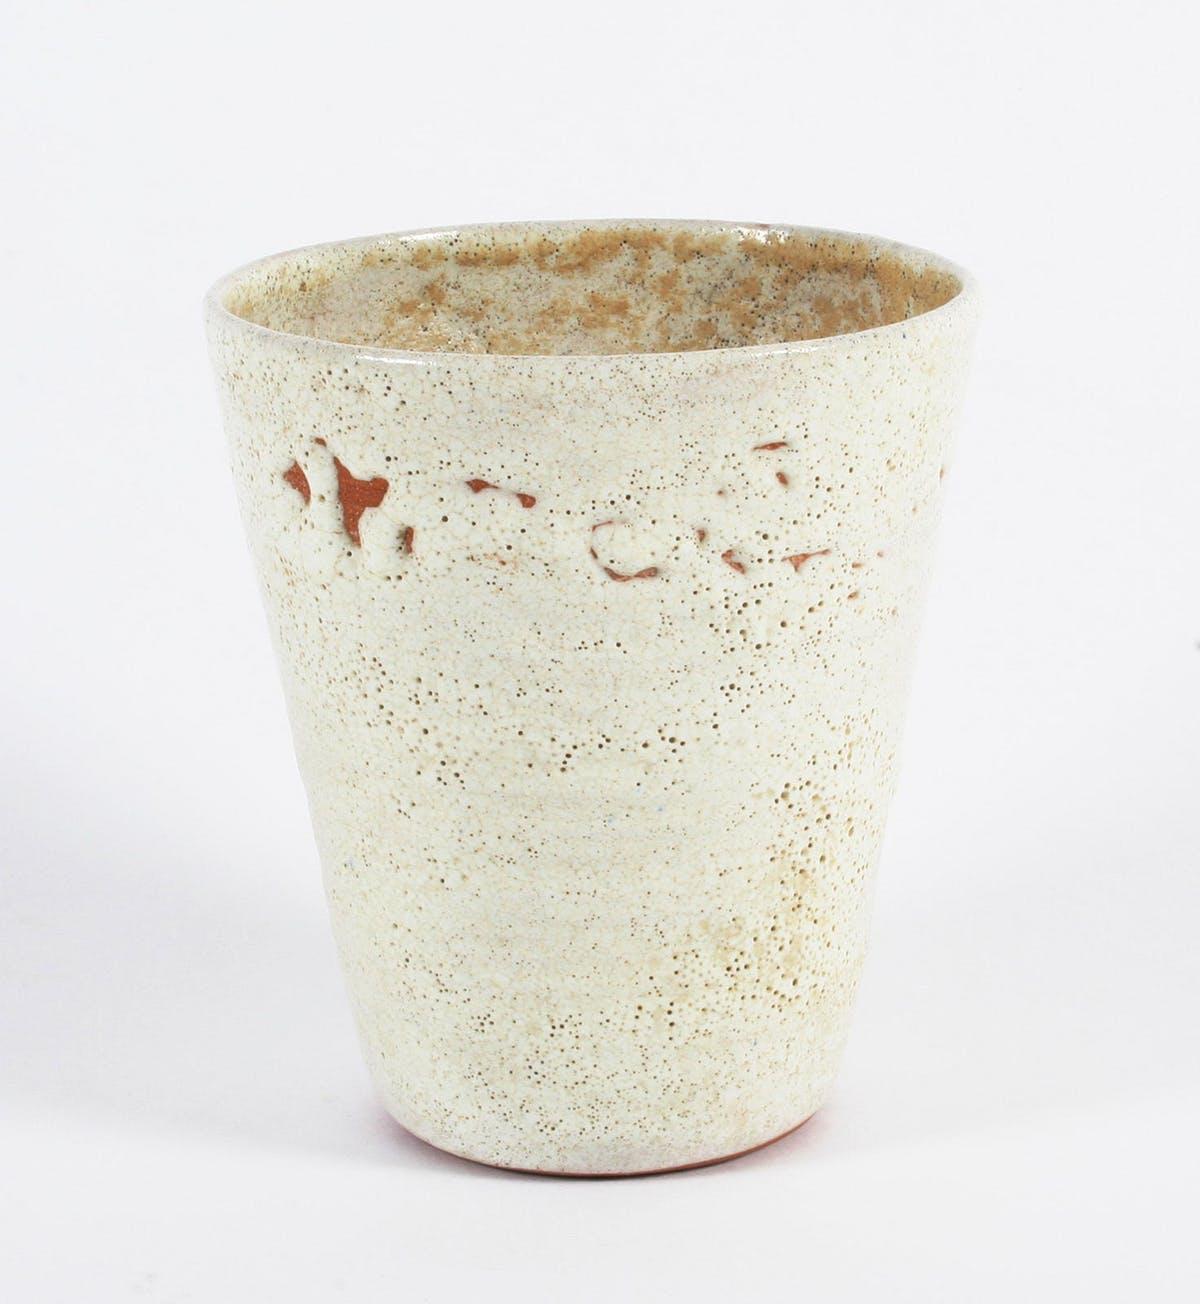 LUCIE RIE. Vaso con esmalte volcánico (1925-37). Imagen vía: Bonhams